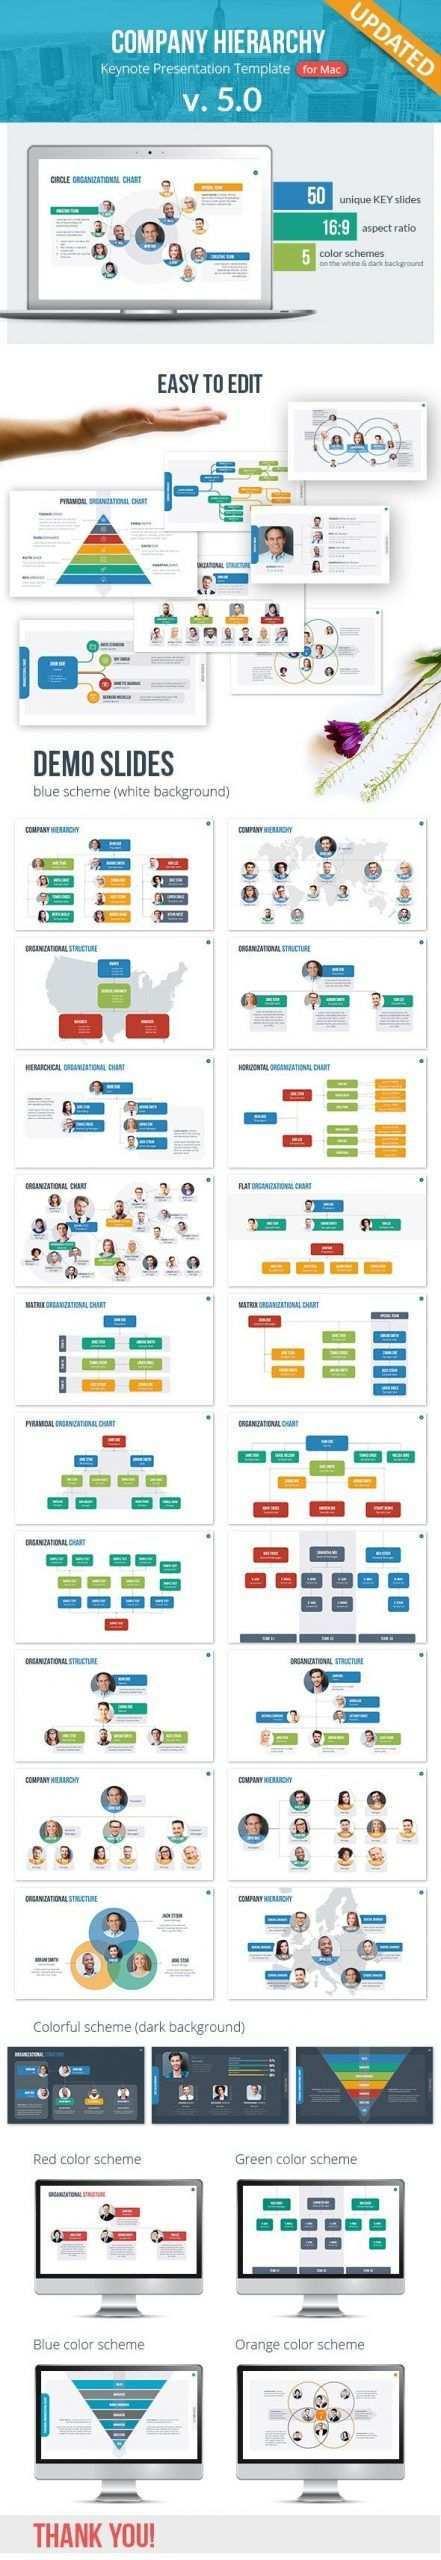 Organigramm Und Hierarchie Keynote Vorlage Hierarchiekeynotevorlage Organigramm Und In 2020 Organizational Chart Keynote Template Organization Chart